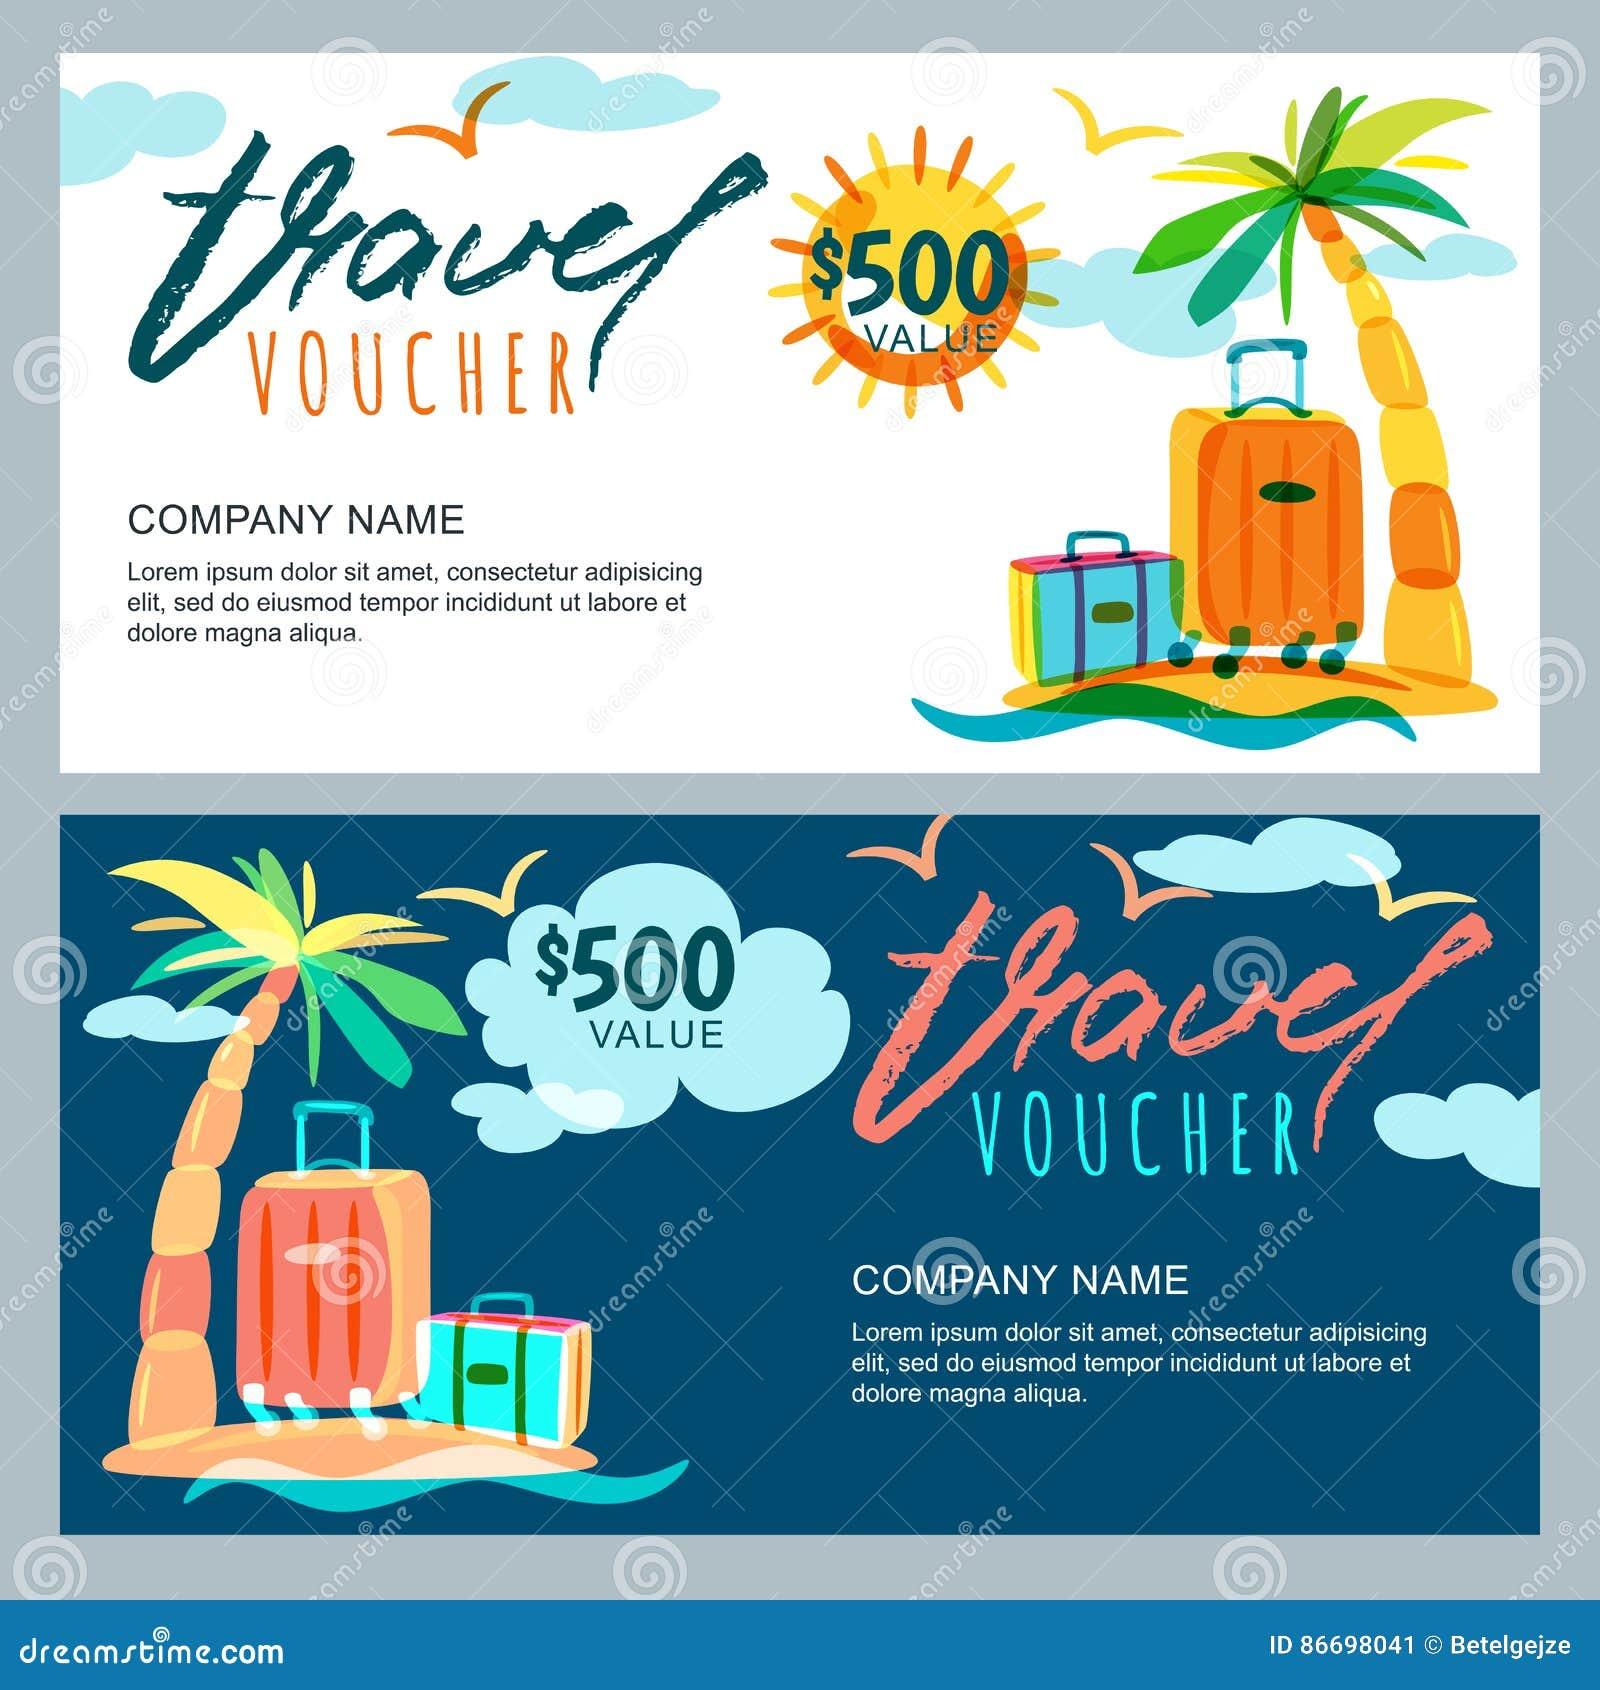 Voucher Stock Illustrations – 104,940 Voucher Stock Illustrations ...